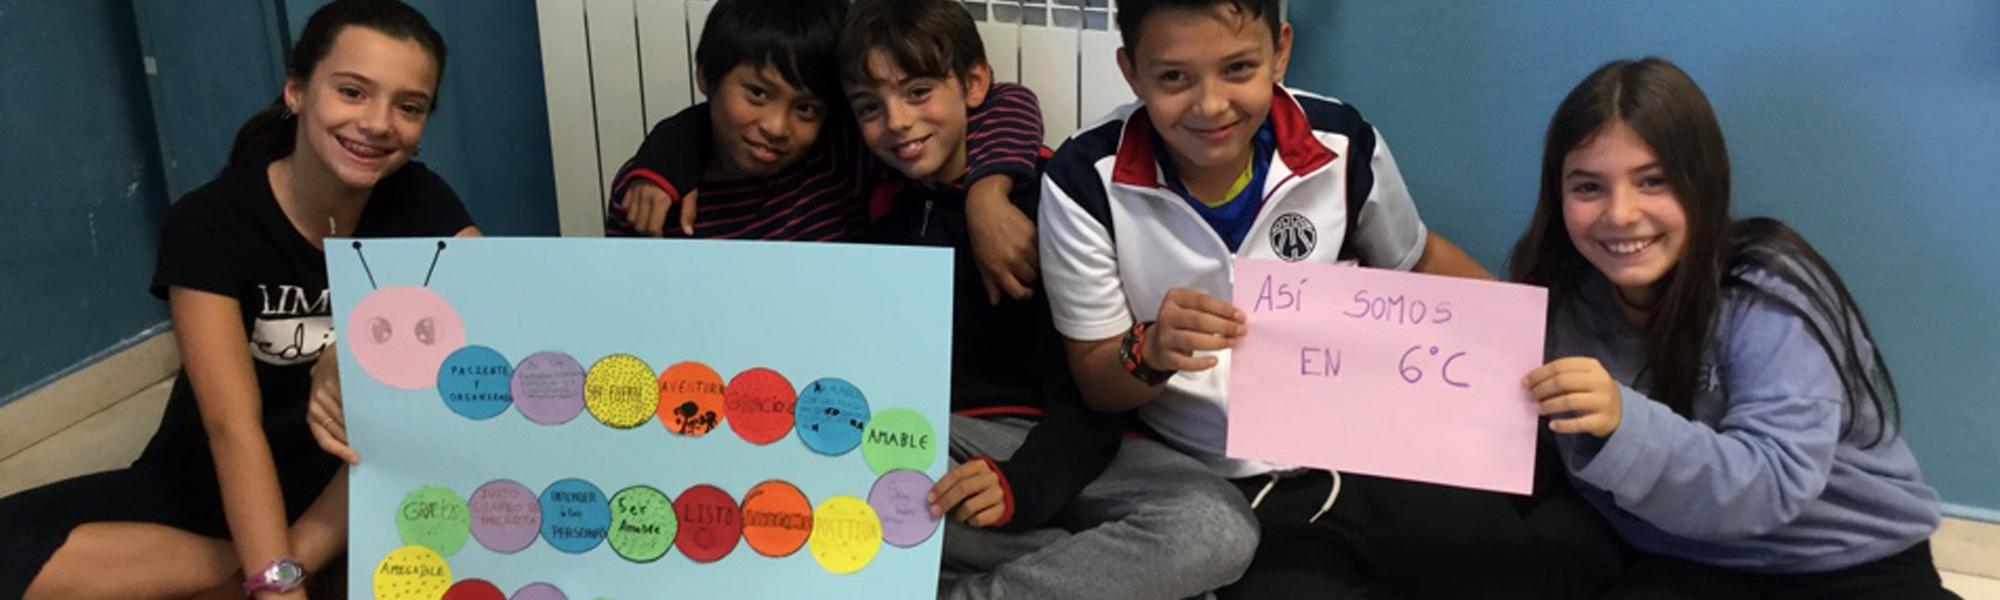 Aprendizaje Social y Emmocional colegio El Porvenir